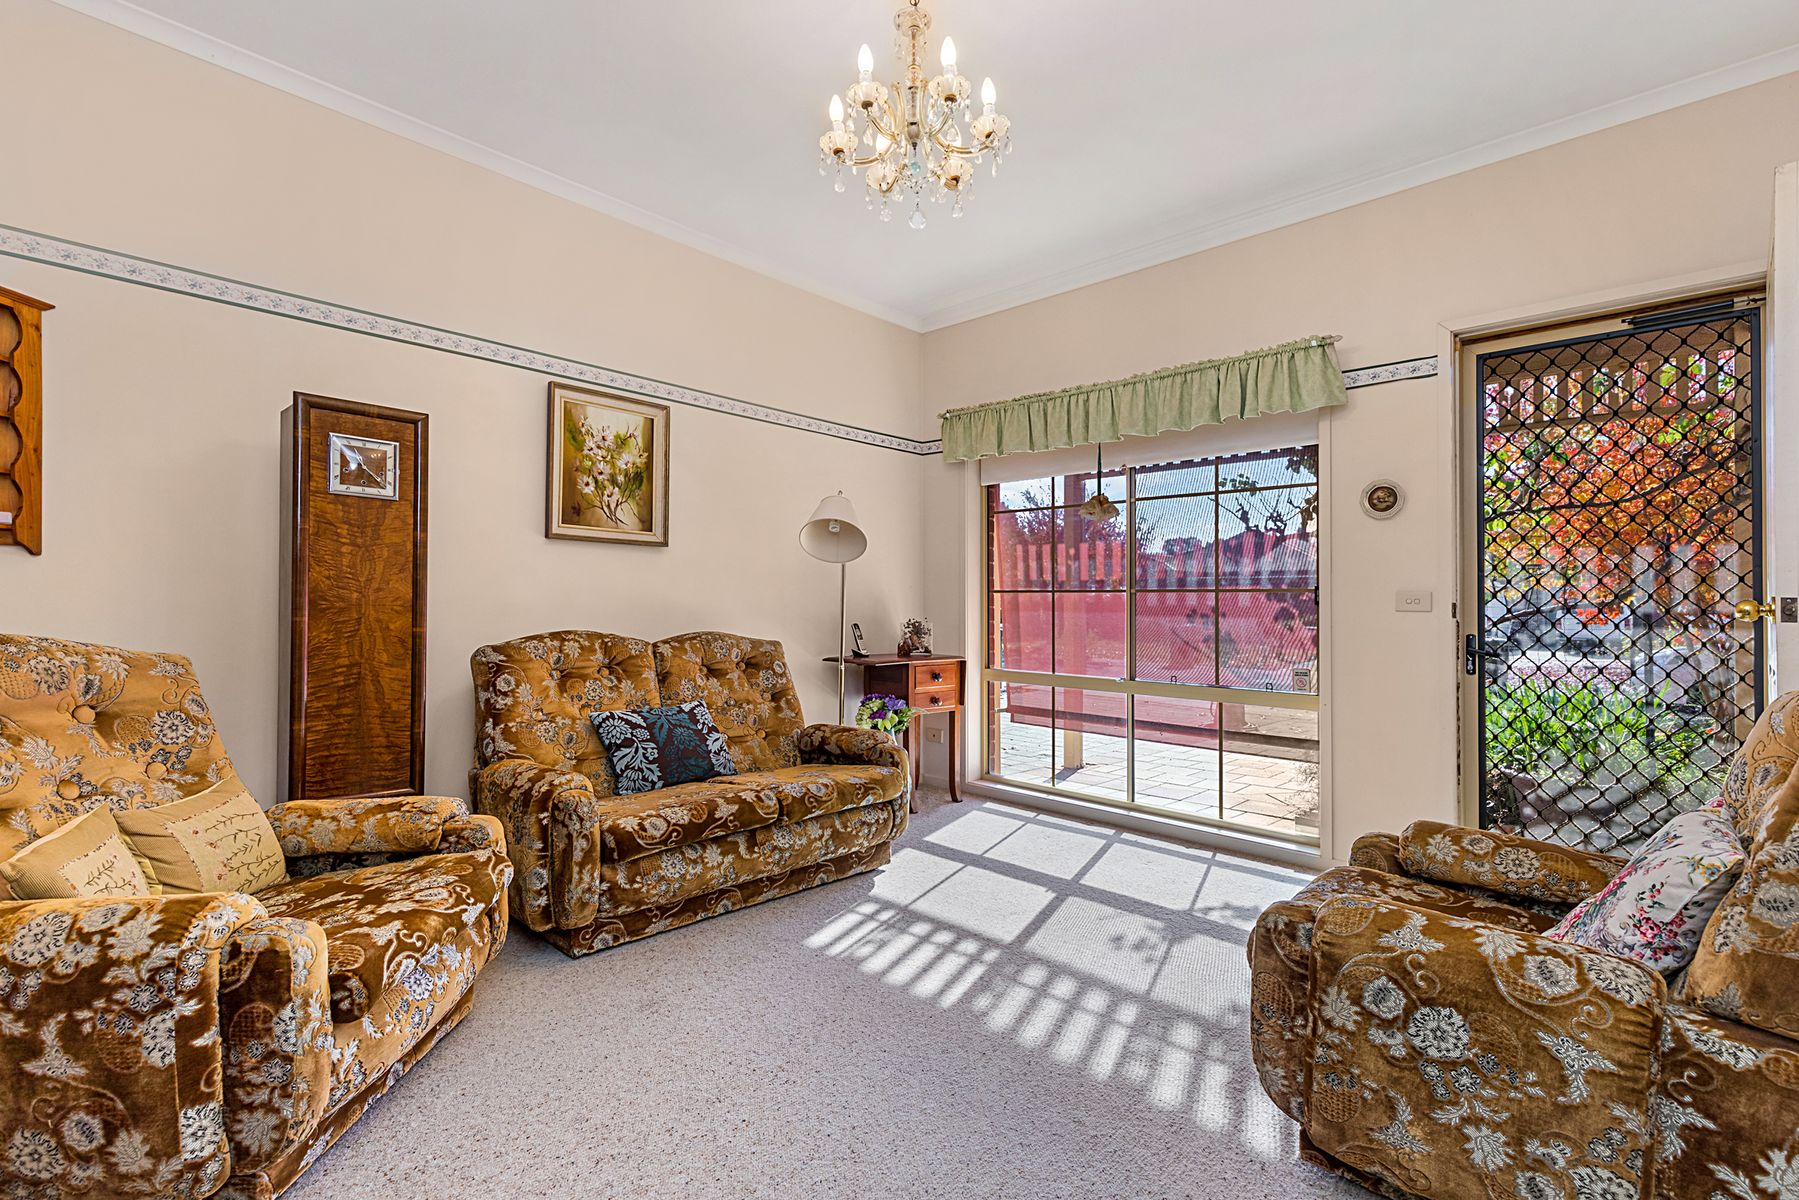 4B Medusa Street, Strathfieldsaye, VIC 3551